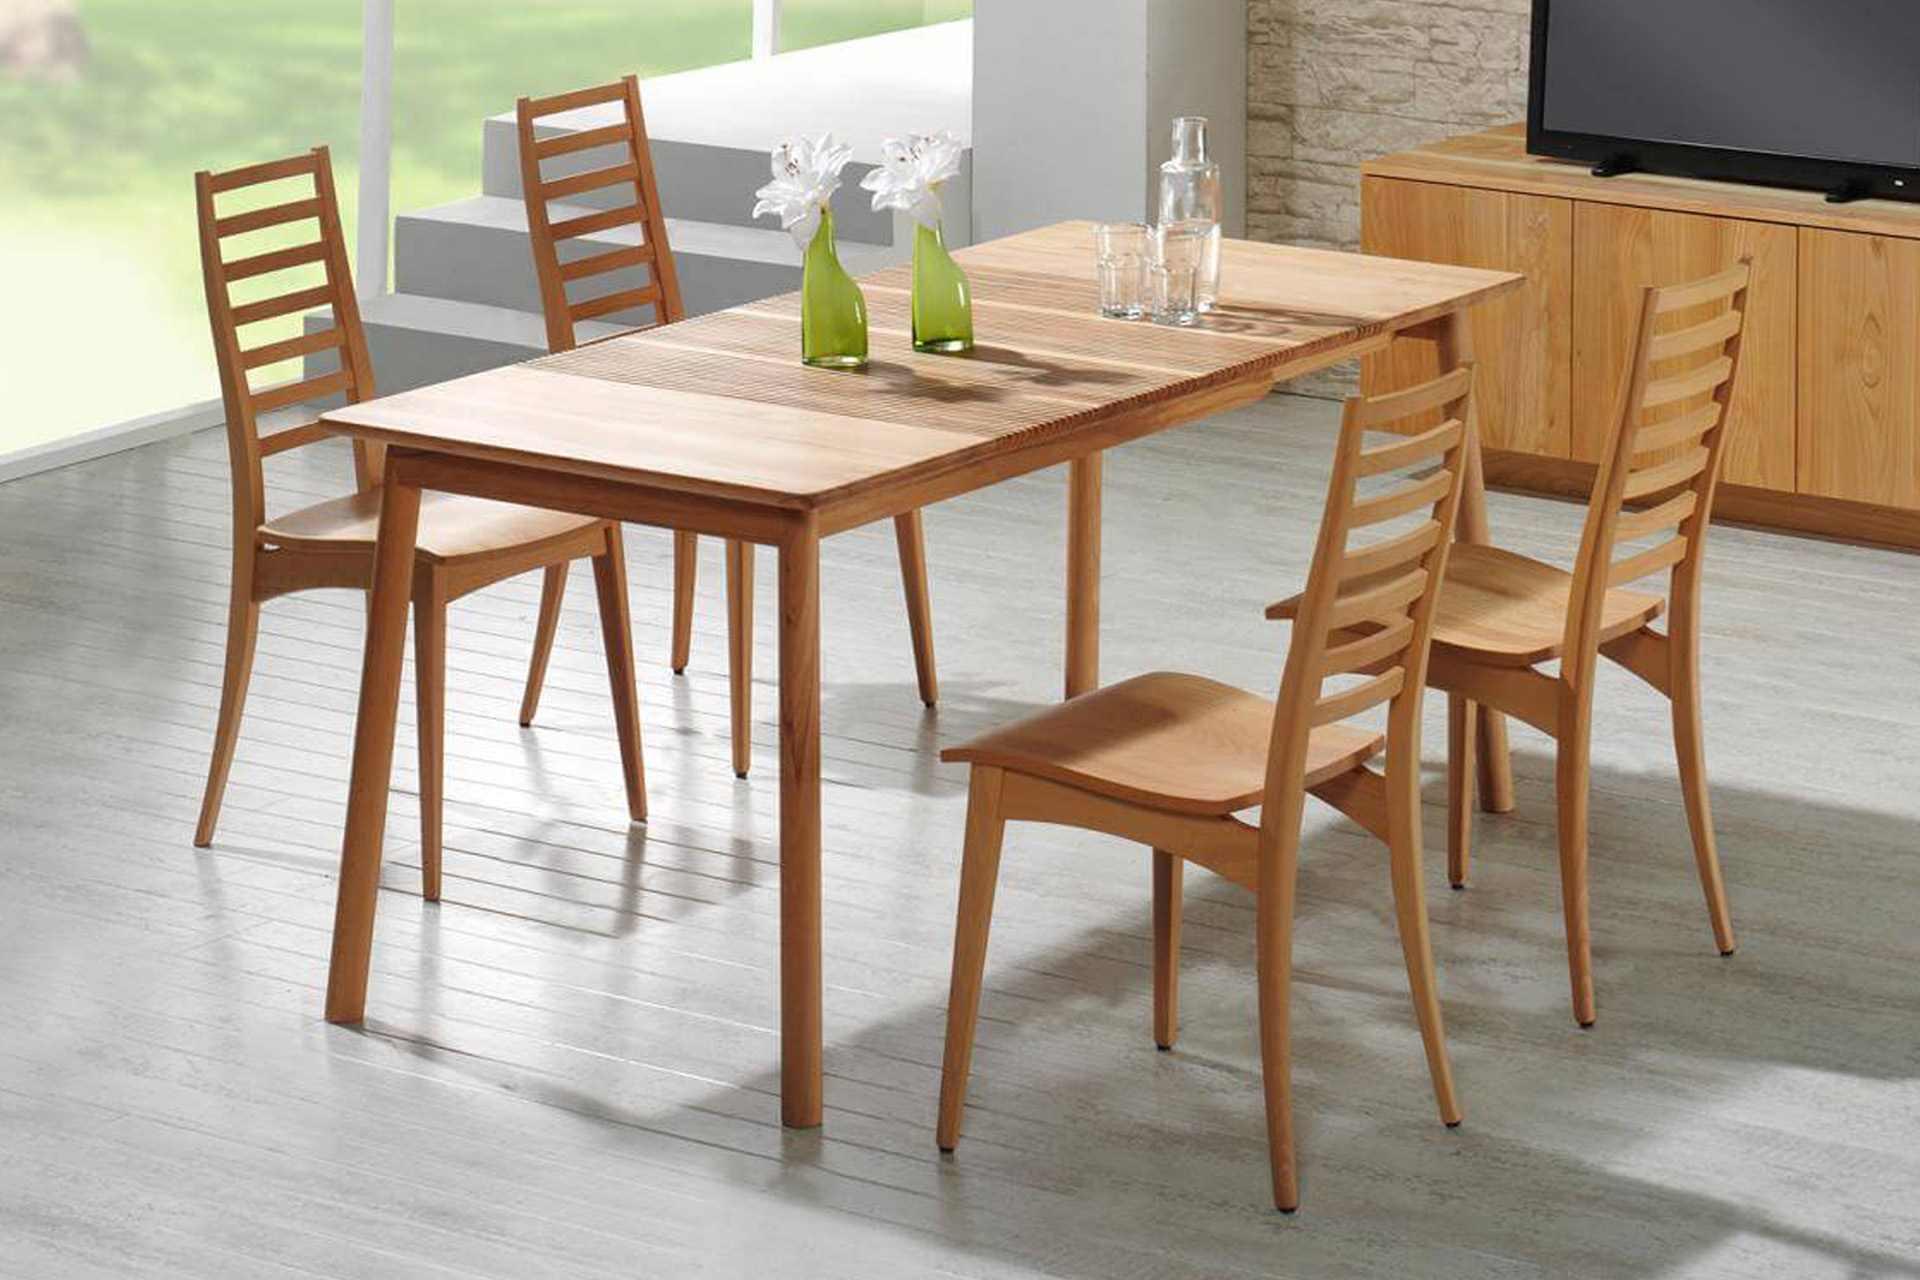 Holzstühle Julia 3 ohne Armlehnen